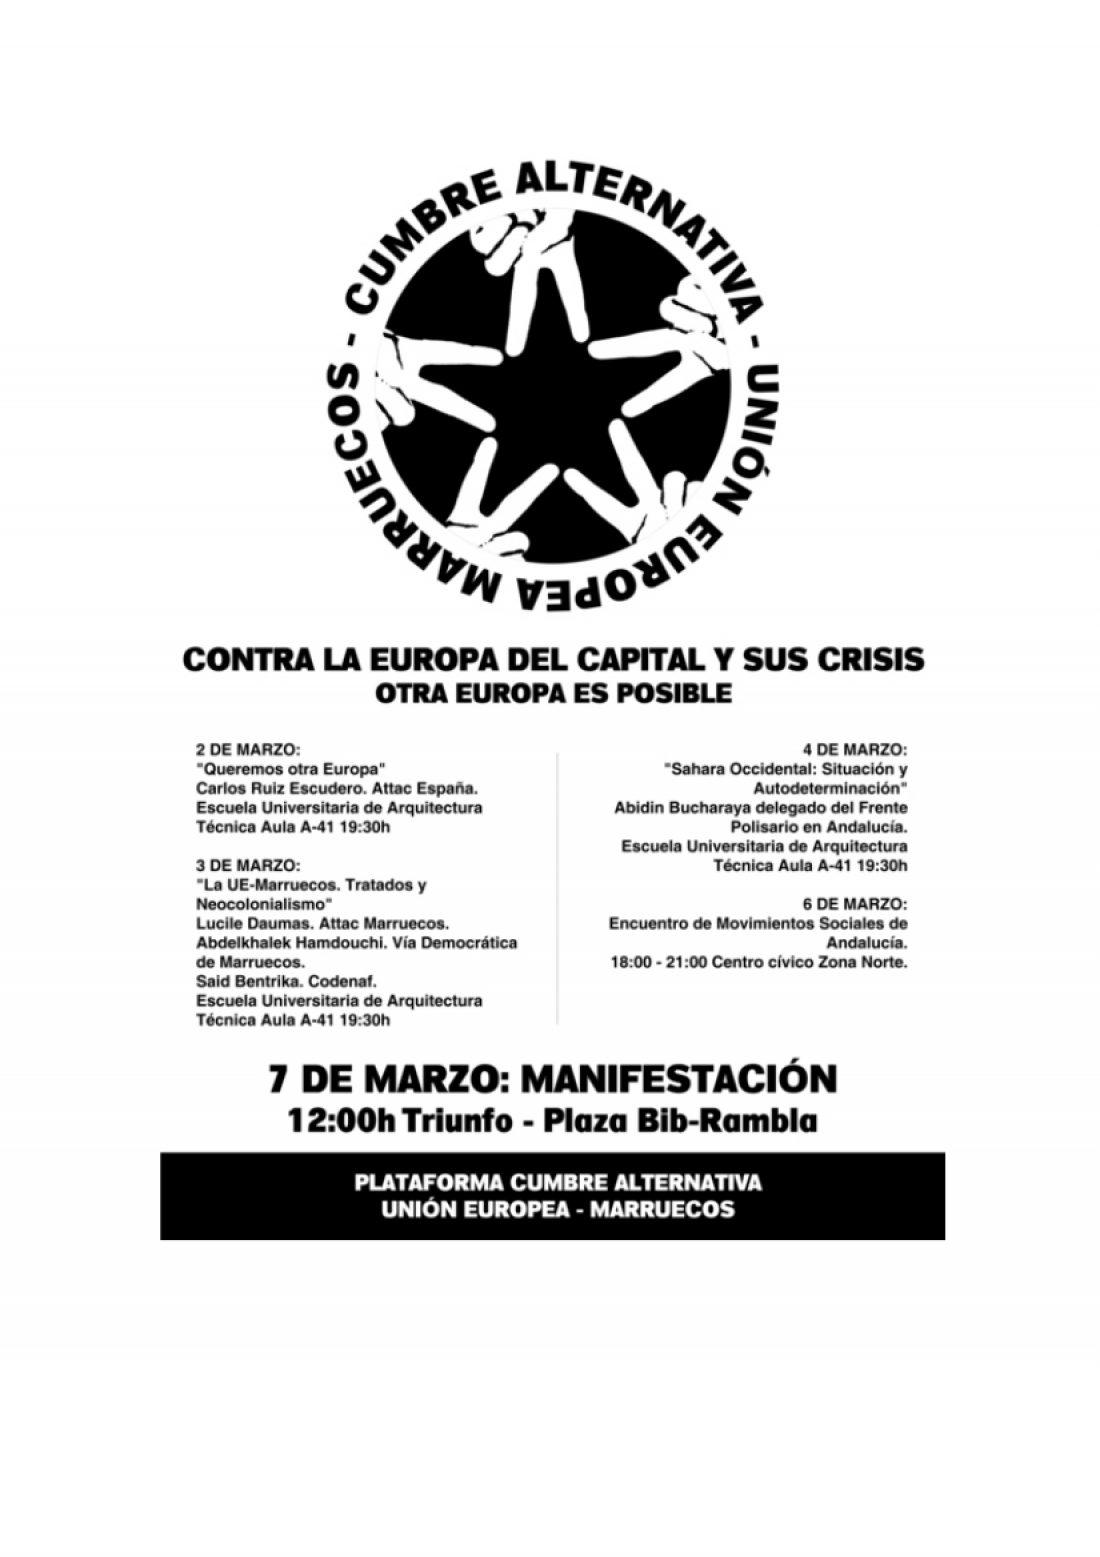 Granada, del 2 al 6 de Marzo: Cumbre alternativa UE-Mahgreb